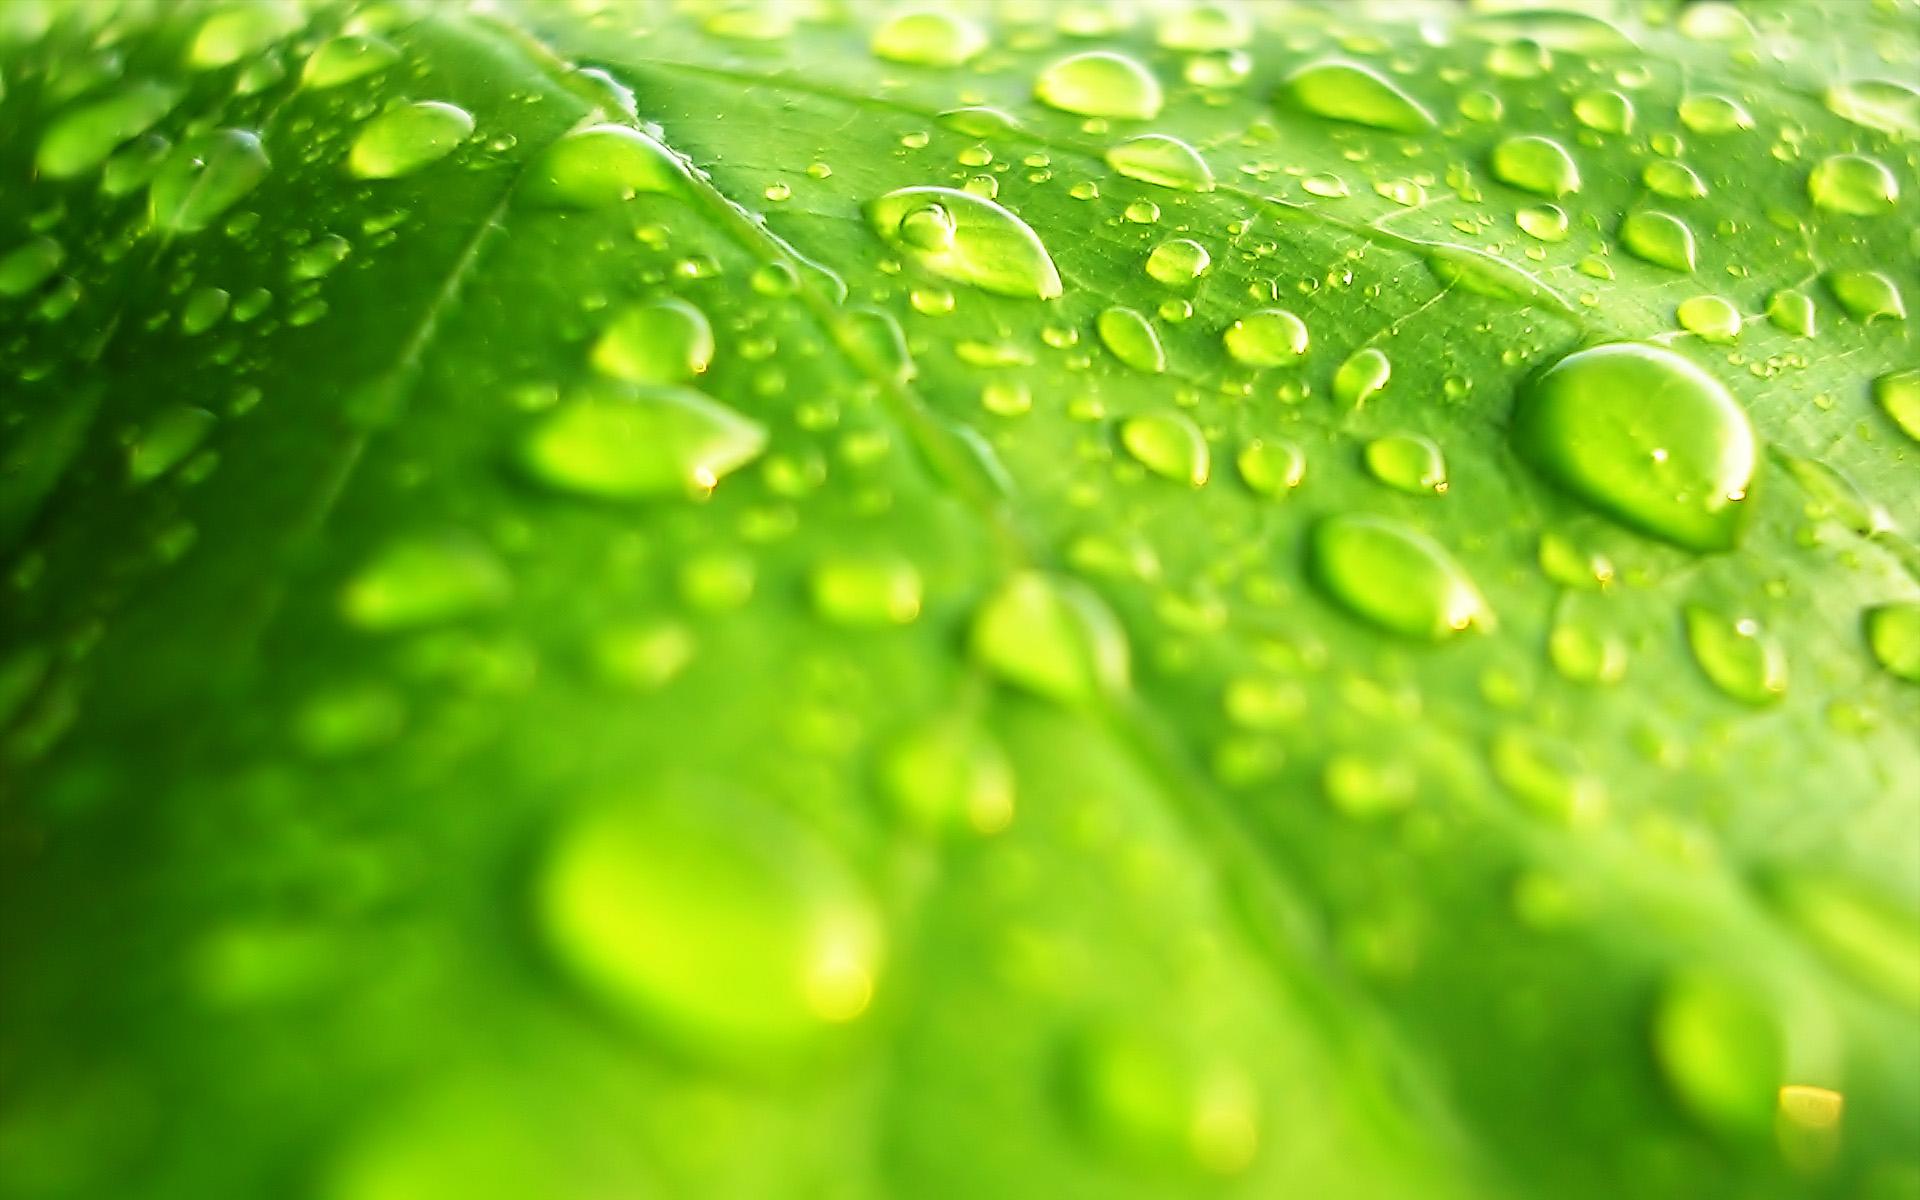 Leaf Wallpaper Rain Hd Desktop Wallpapers 4k Hd